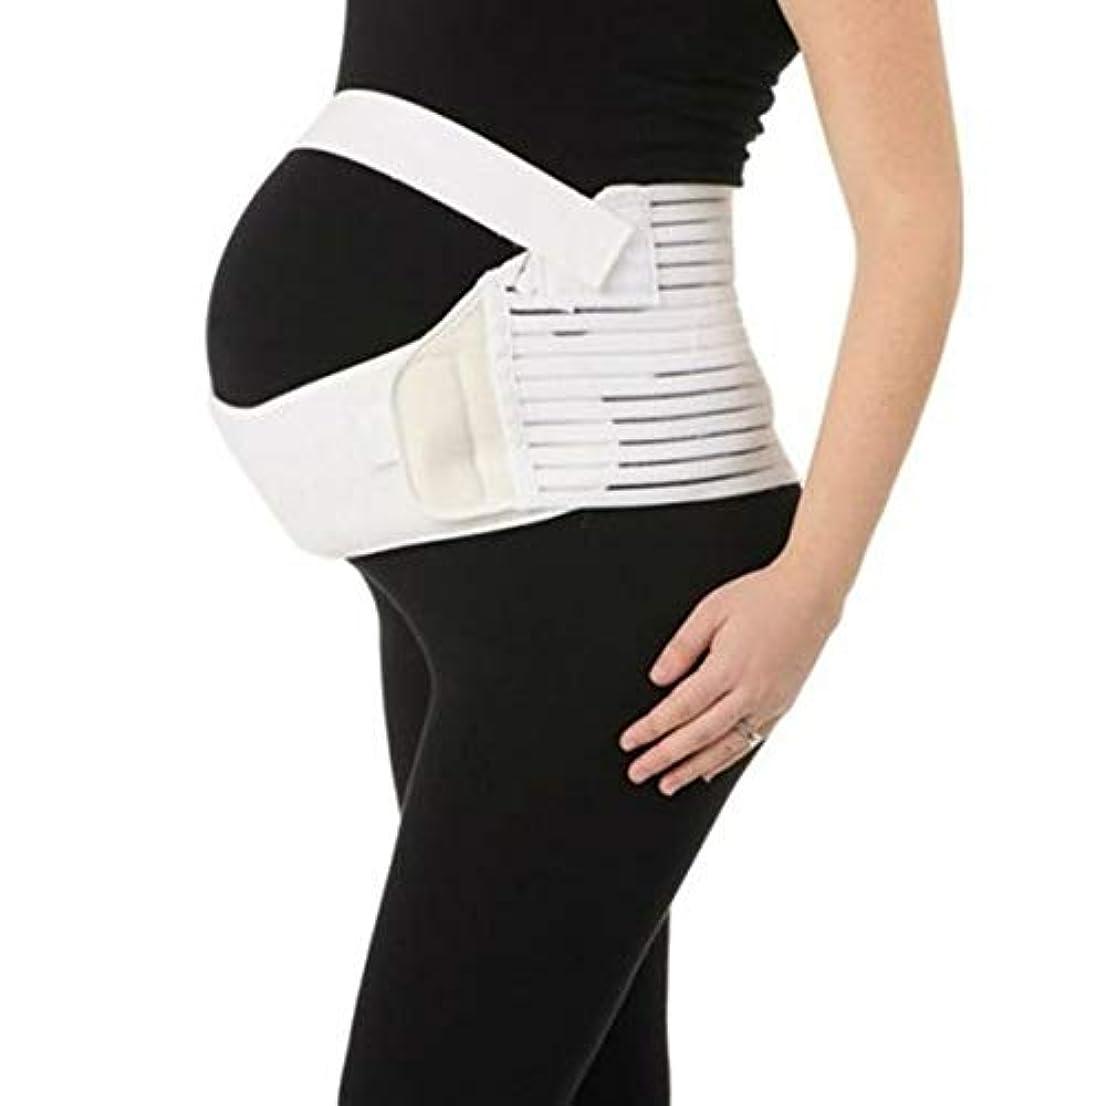 カフェ容器スラダム通気性産科ベルト妊娠腹部サポート腹部バインダーガードル運動包帯産後の回復形状ウェア - ホワイトM